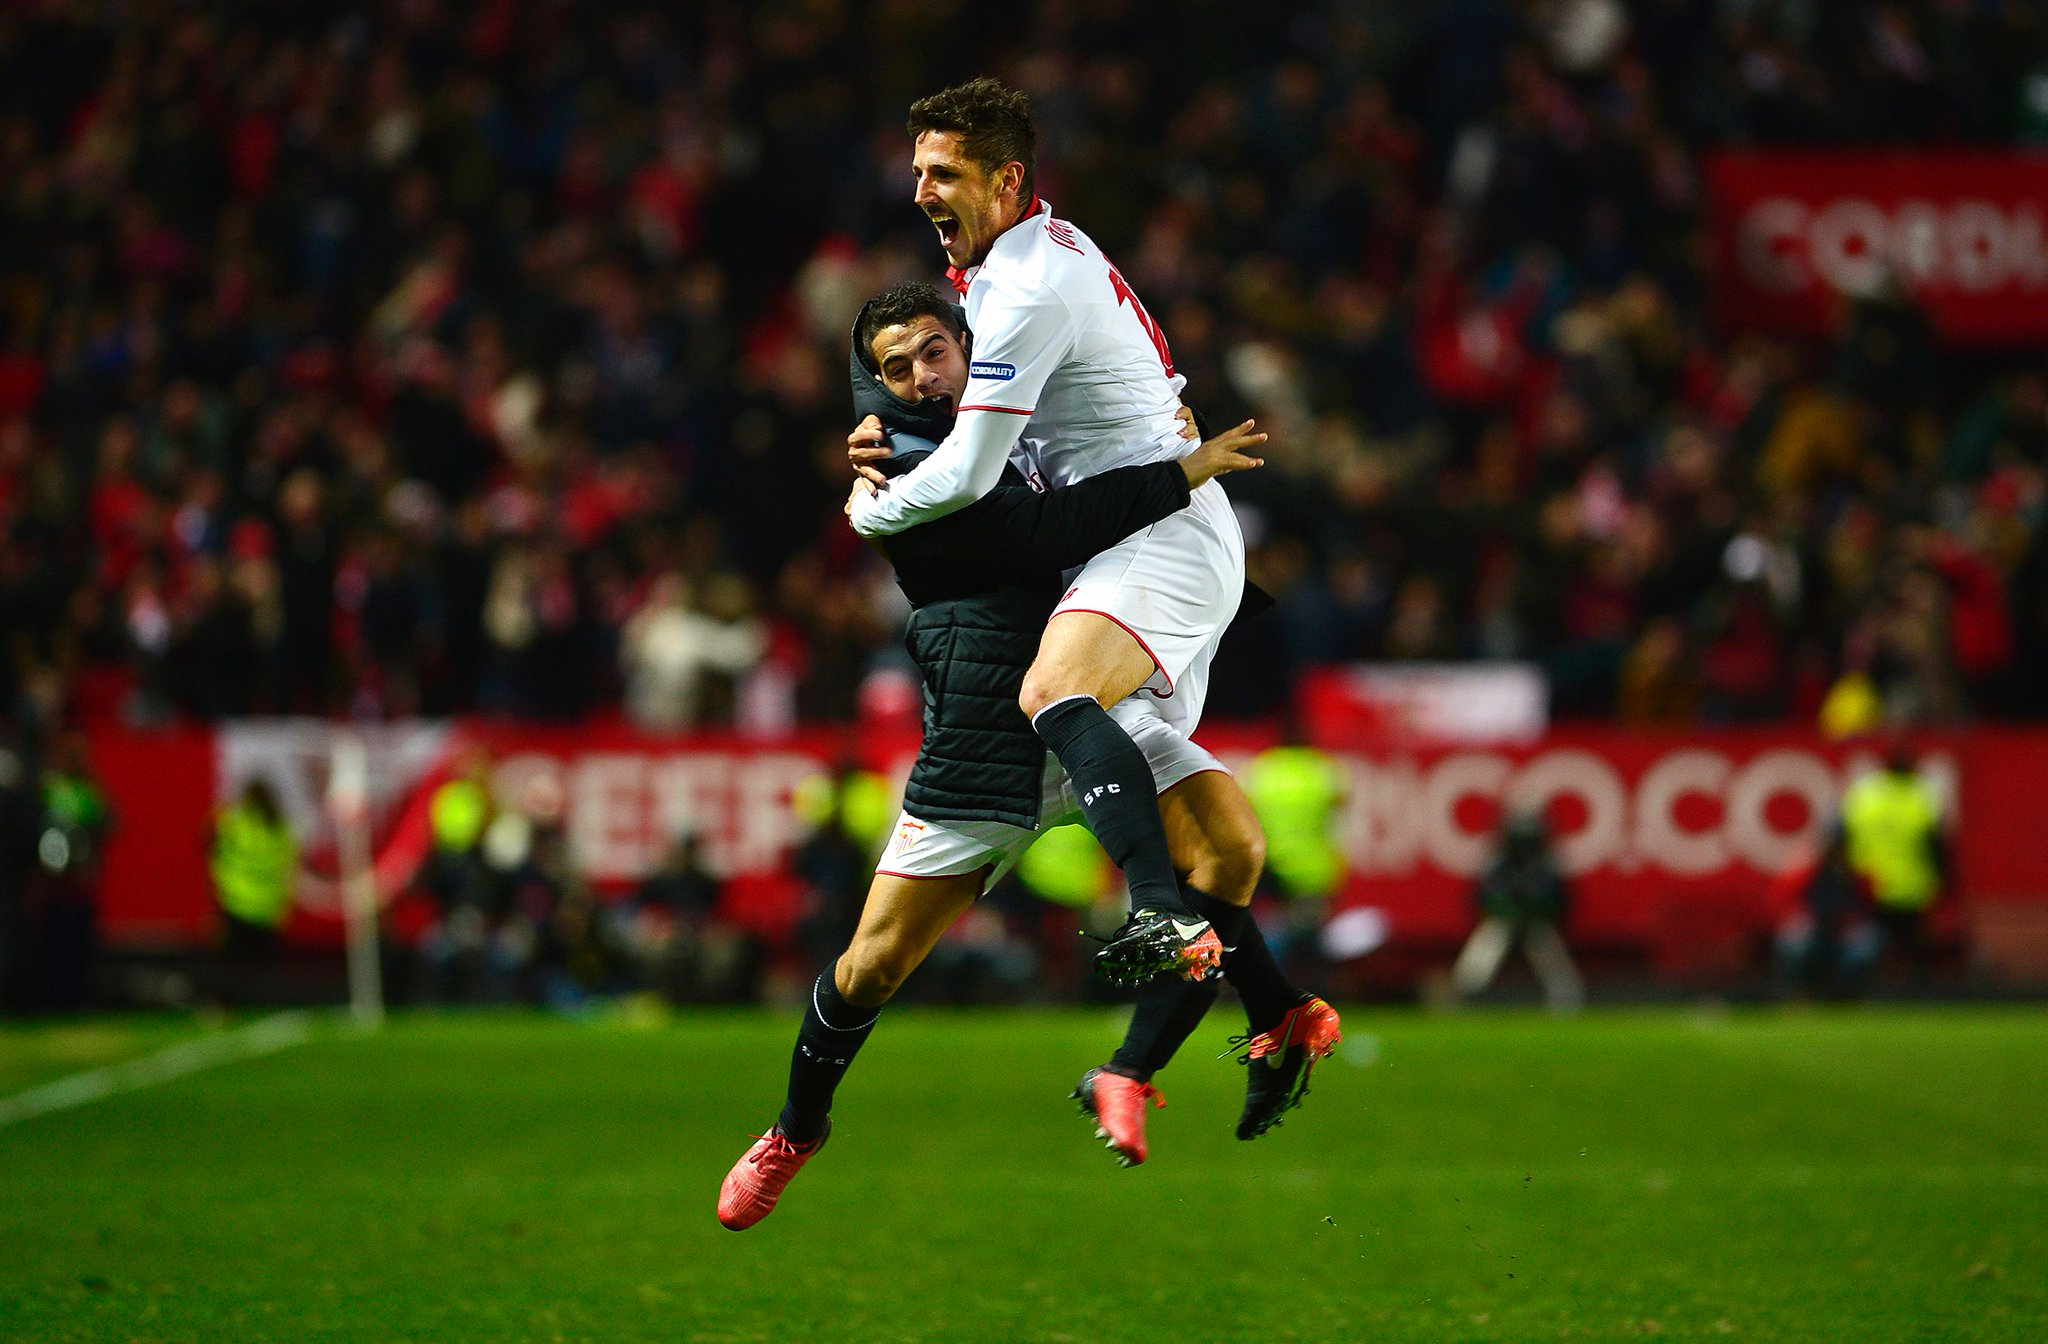 أهداف مباراة أشبيلية وريال مدريد 2-1